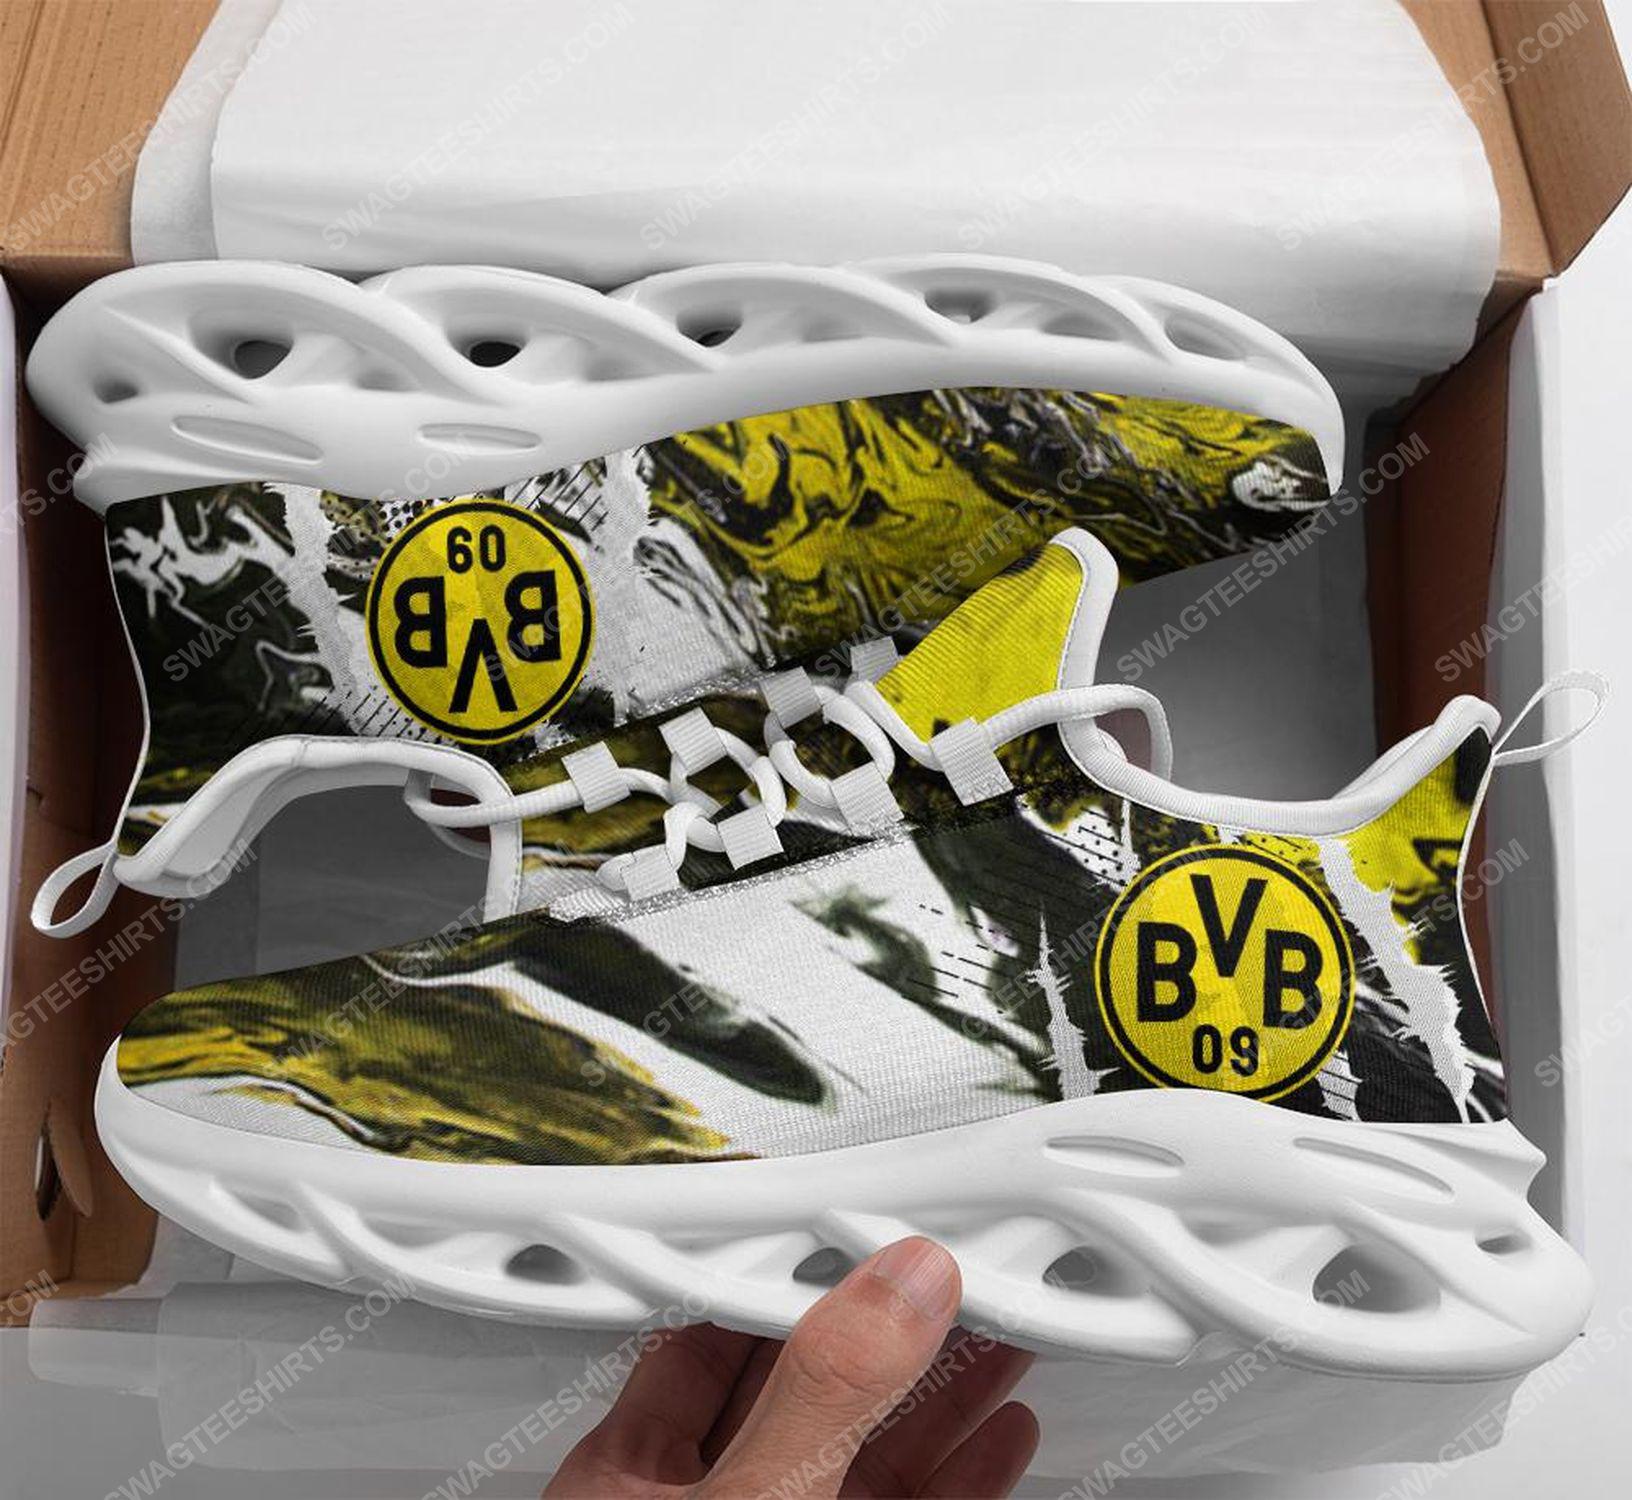 BV borussia dortmund football club max soul shoes 1